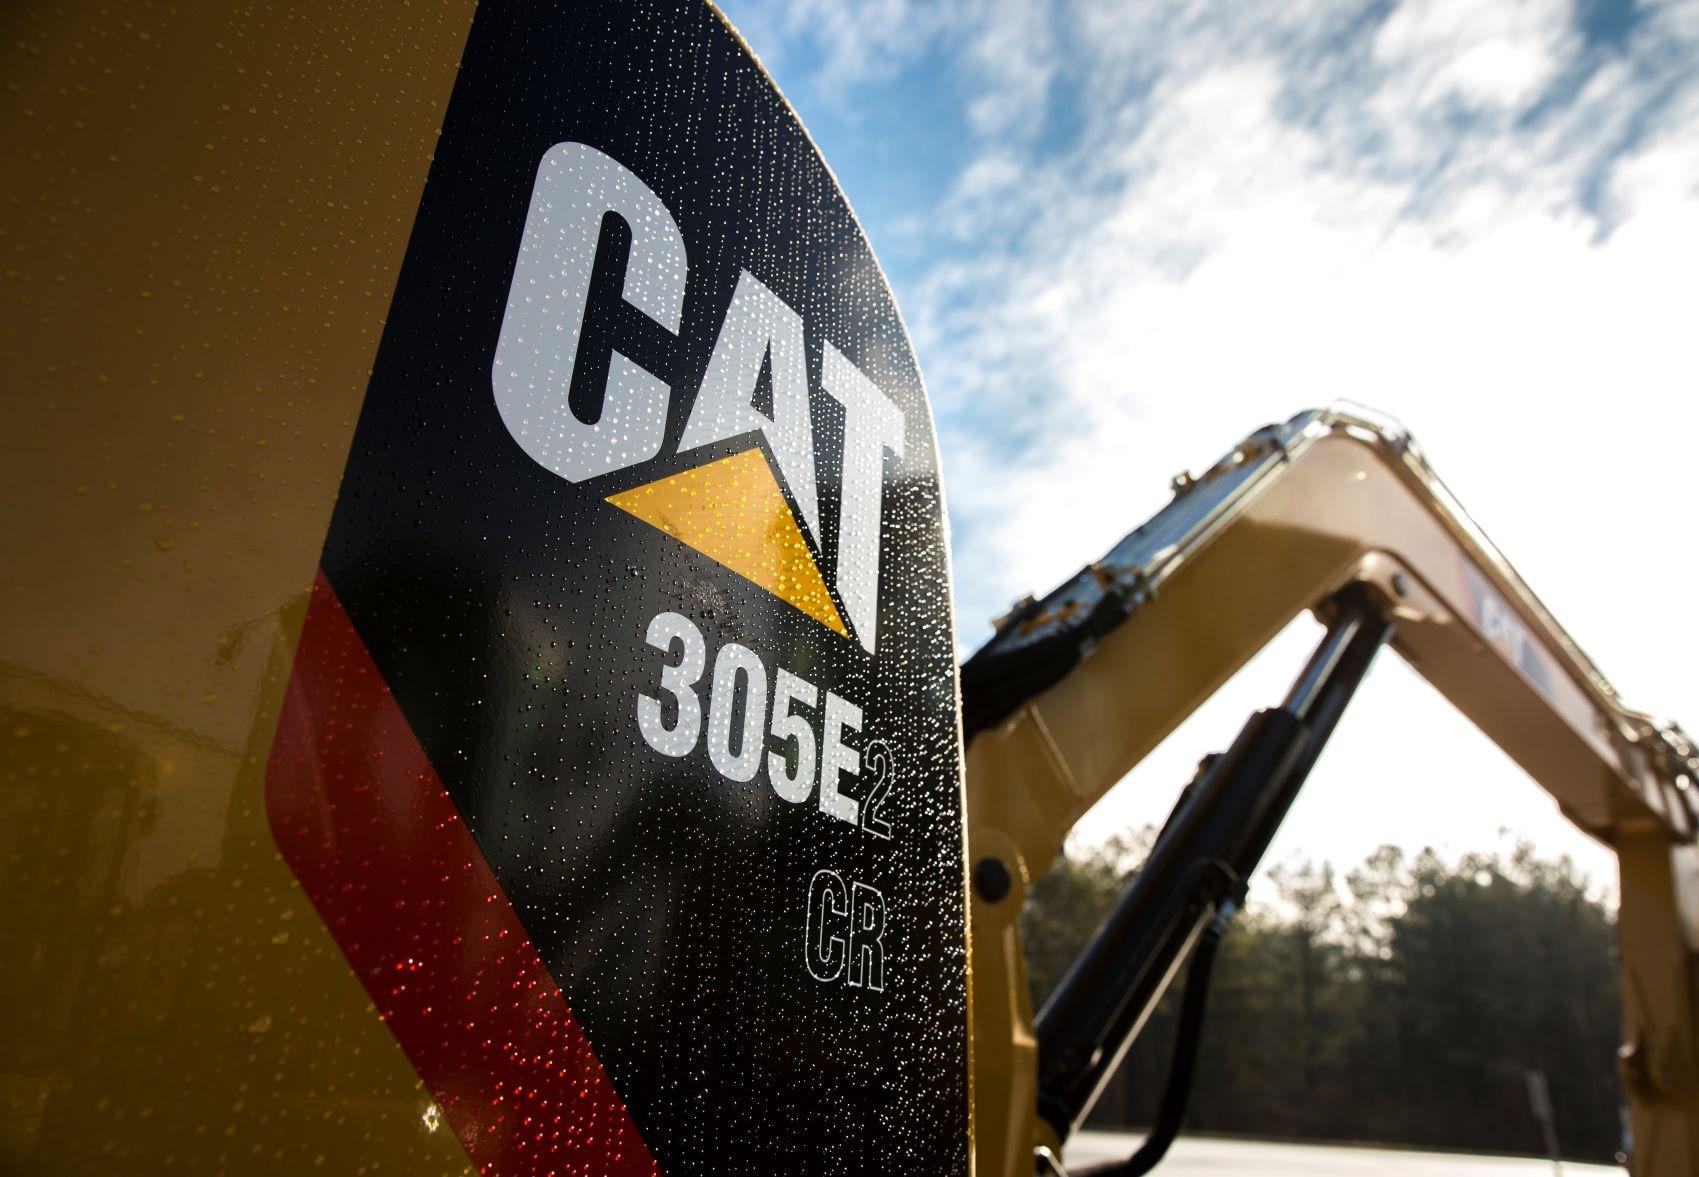 Cat 305E2 CR